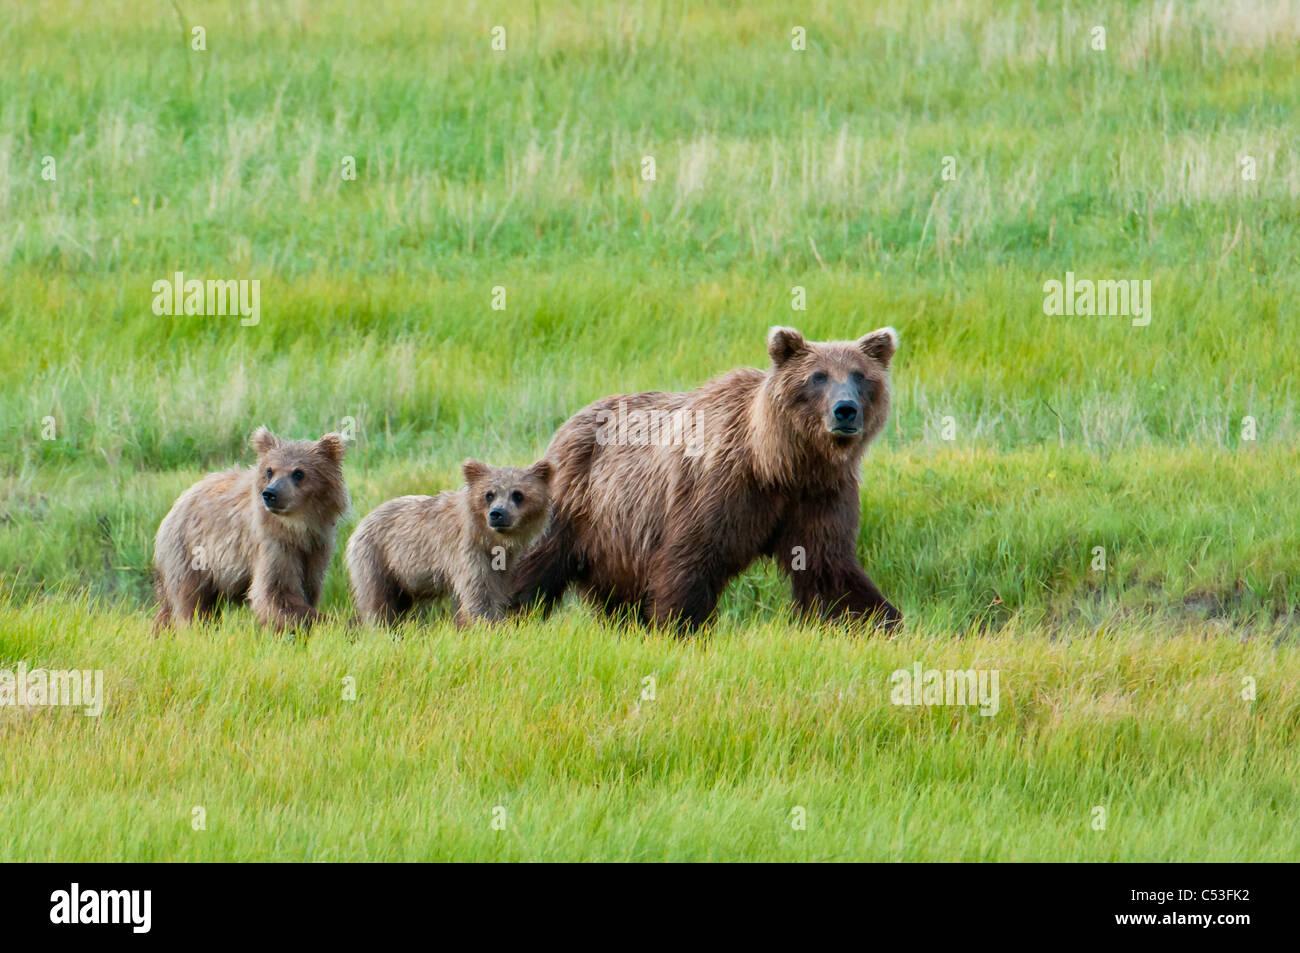 Braunbär Sau geht mit ihren jungen in einer Wiese, Chinitna Bay, Lake-Clark-Nationalpark, Alaska Yunan, Sommer Stockbild